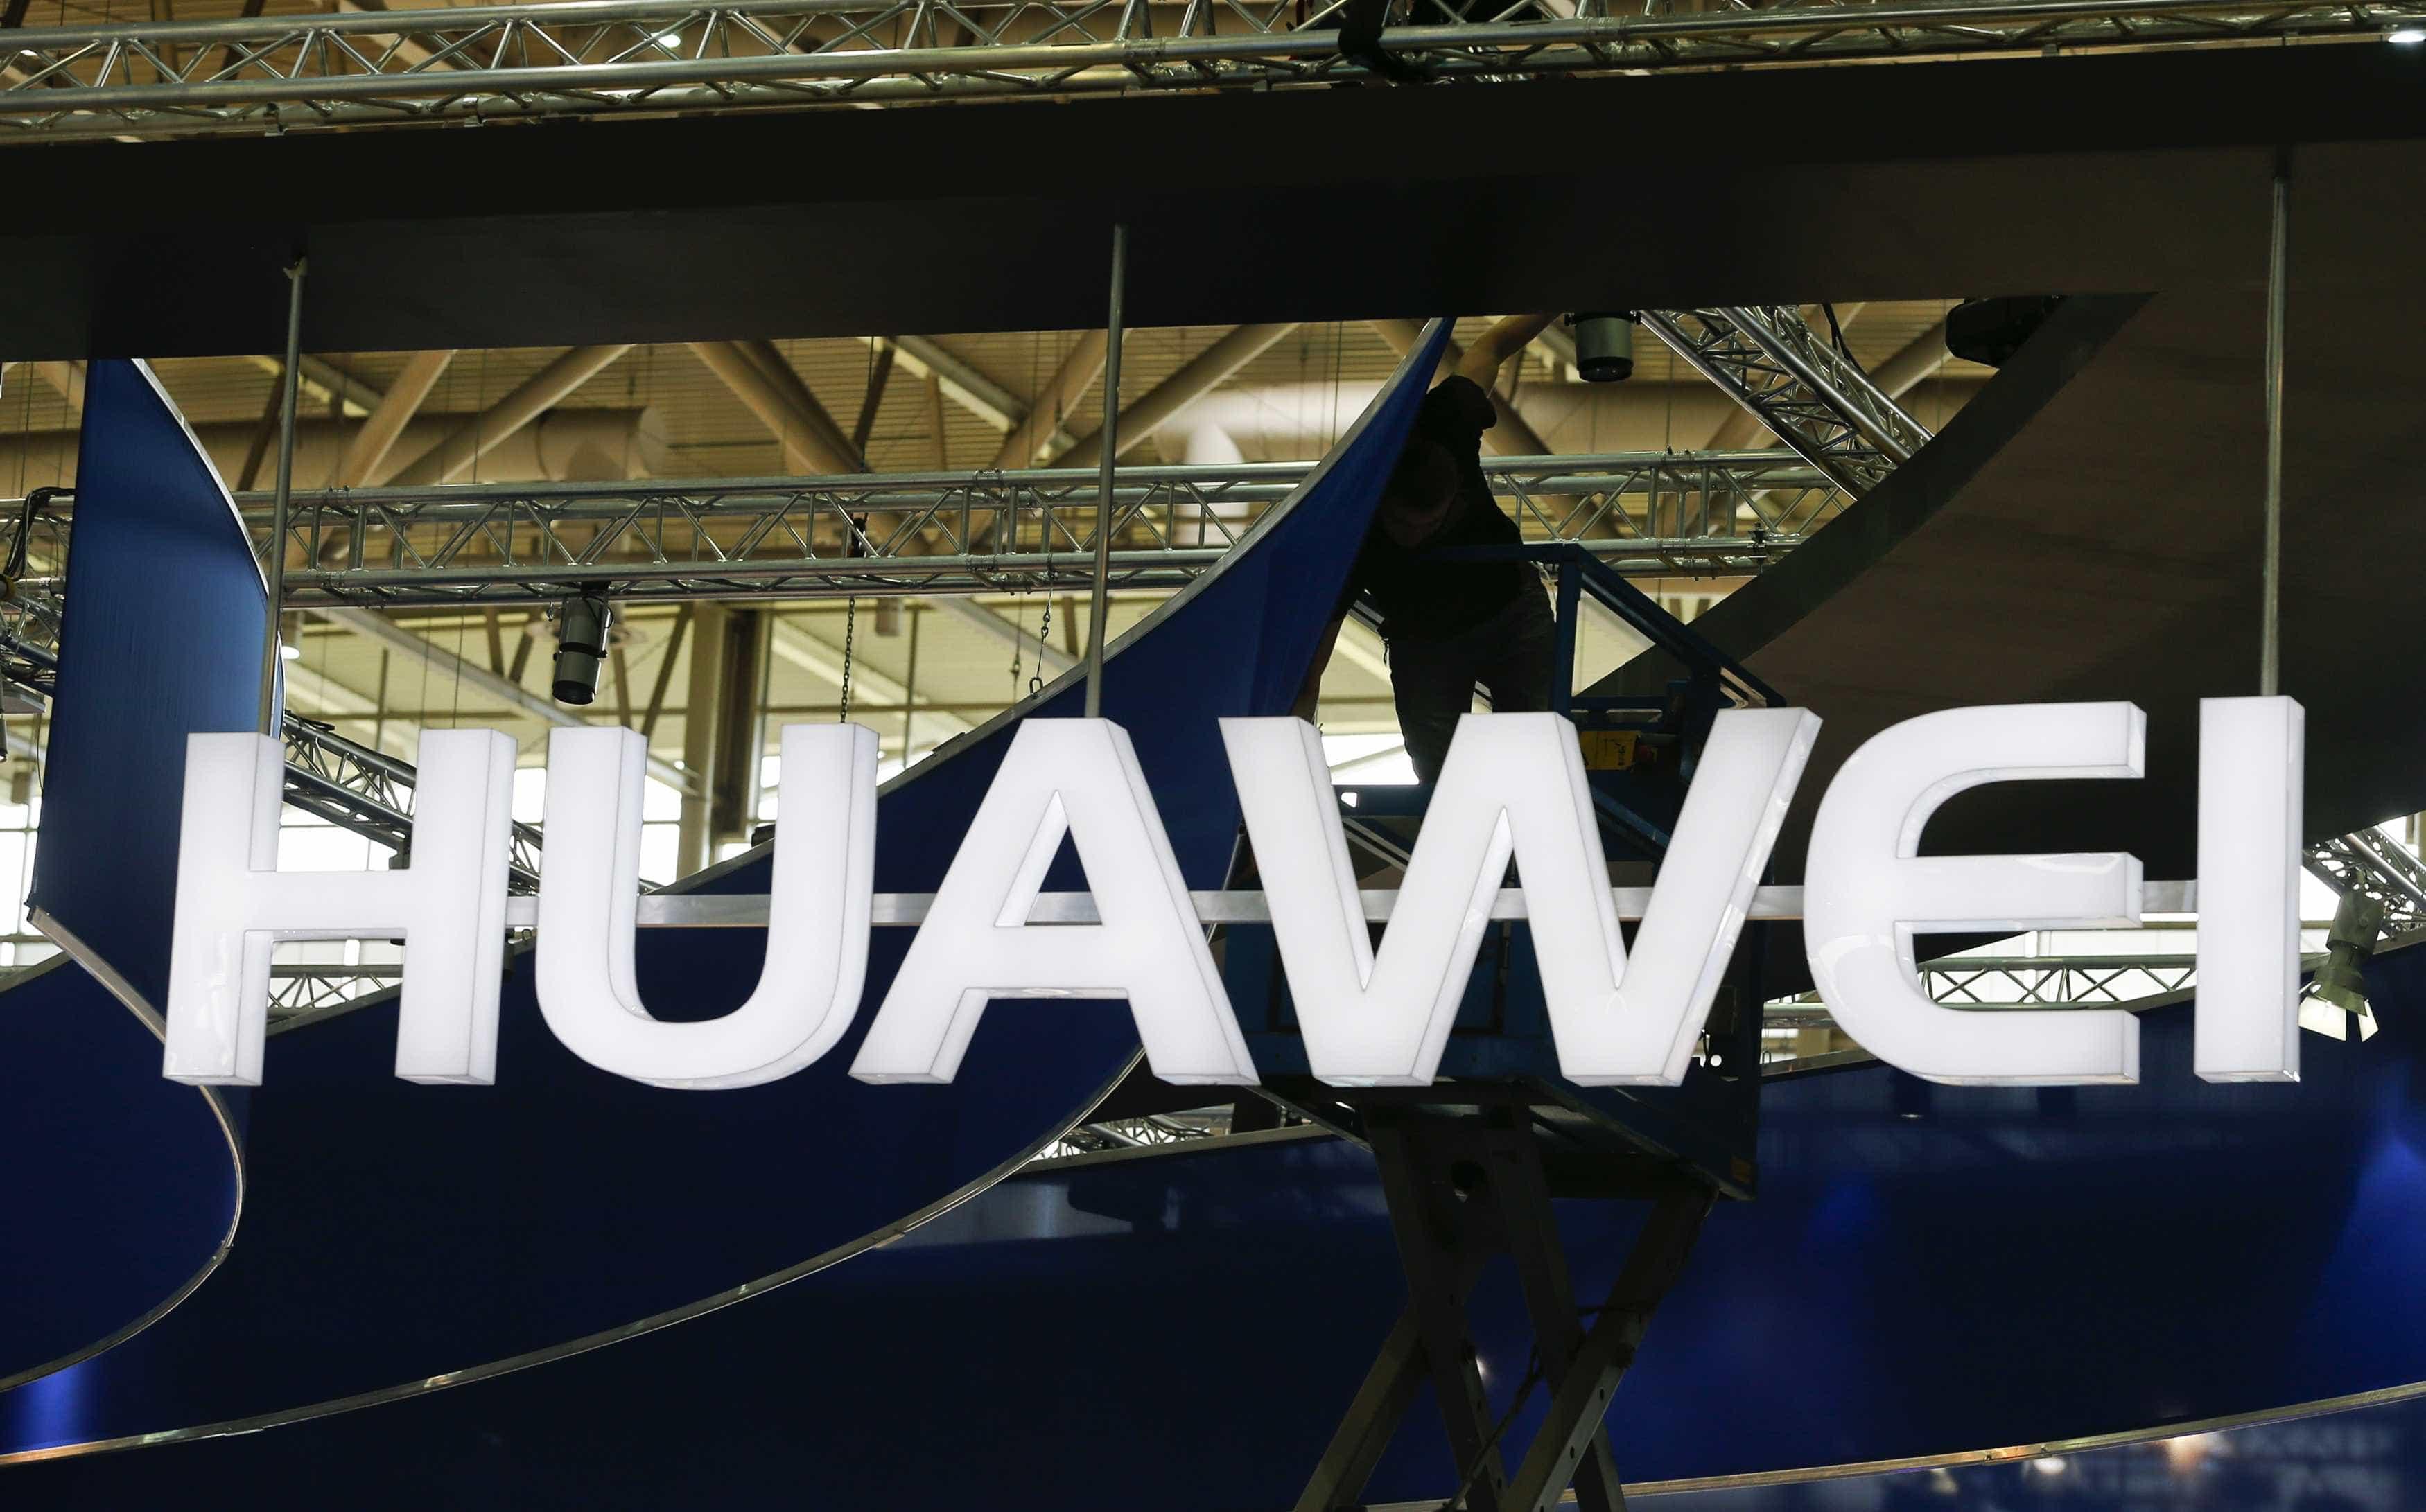 Crise com Huawei coloca tecnologia no centro da agenda global